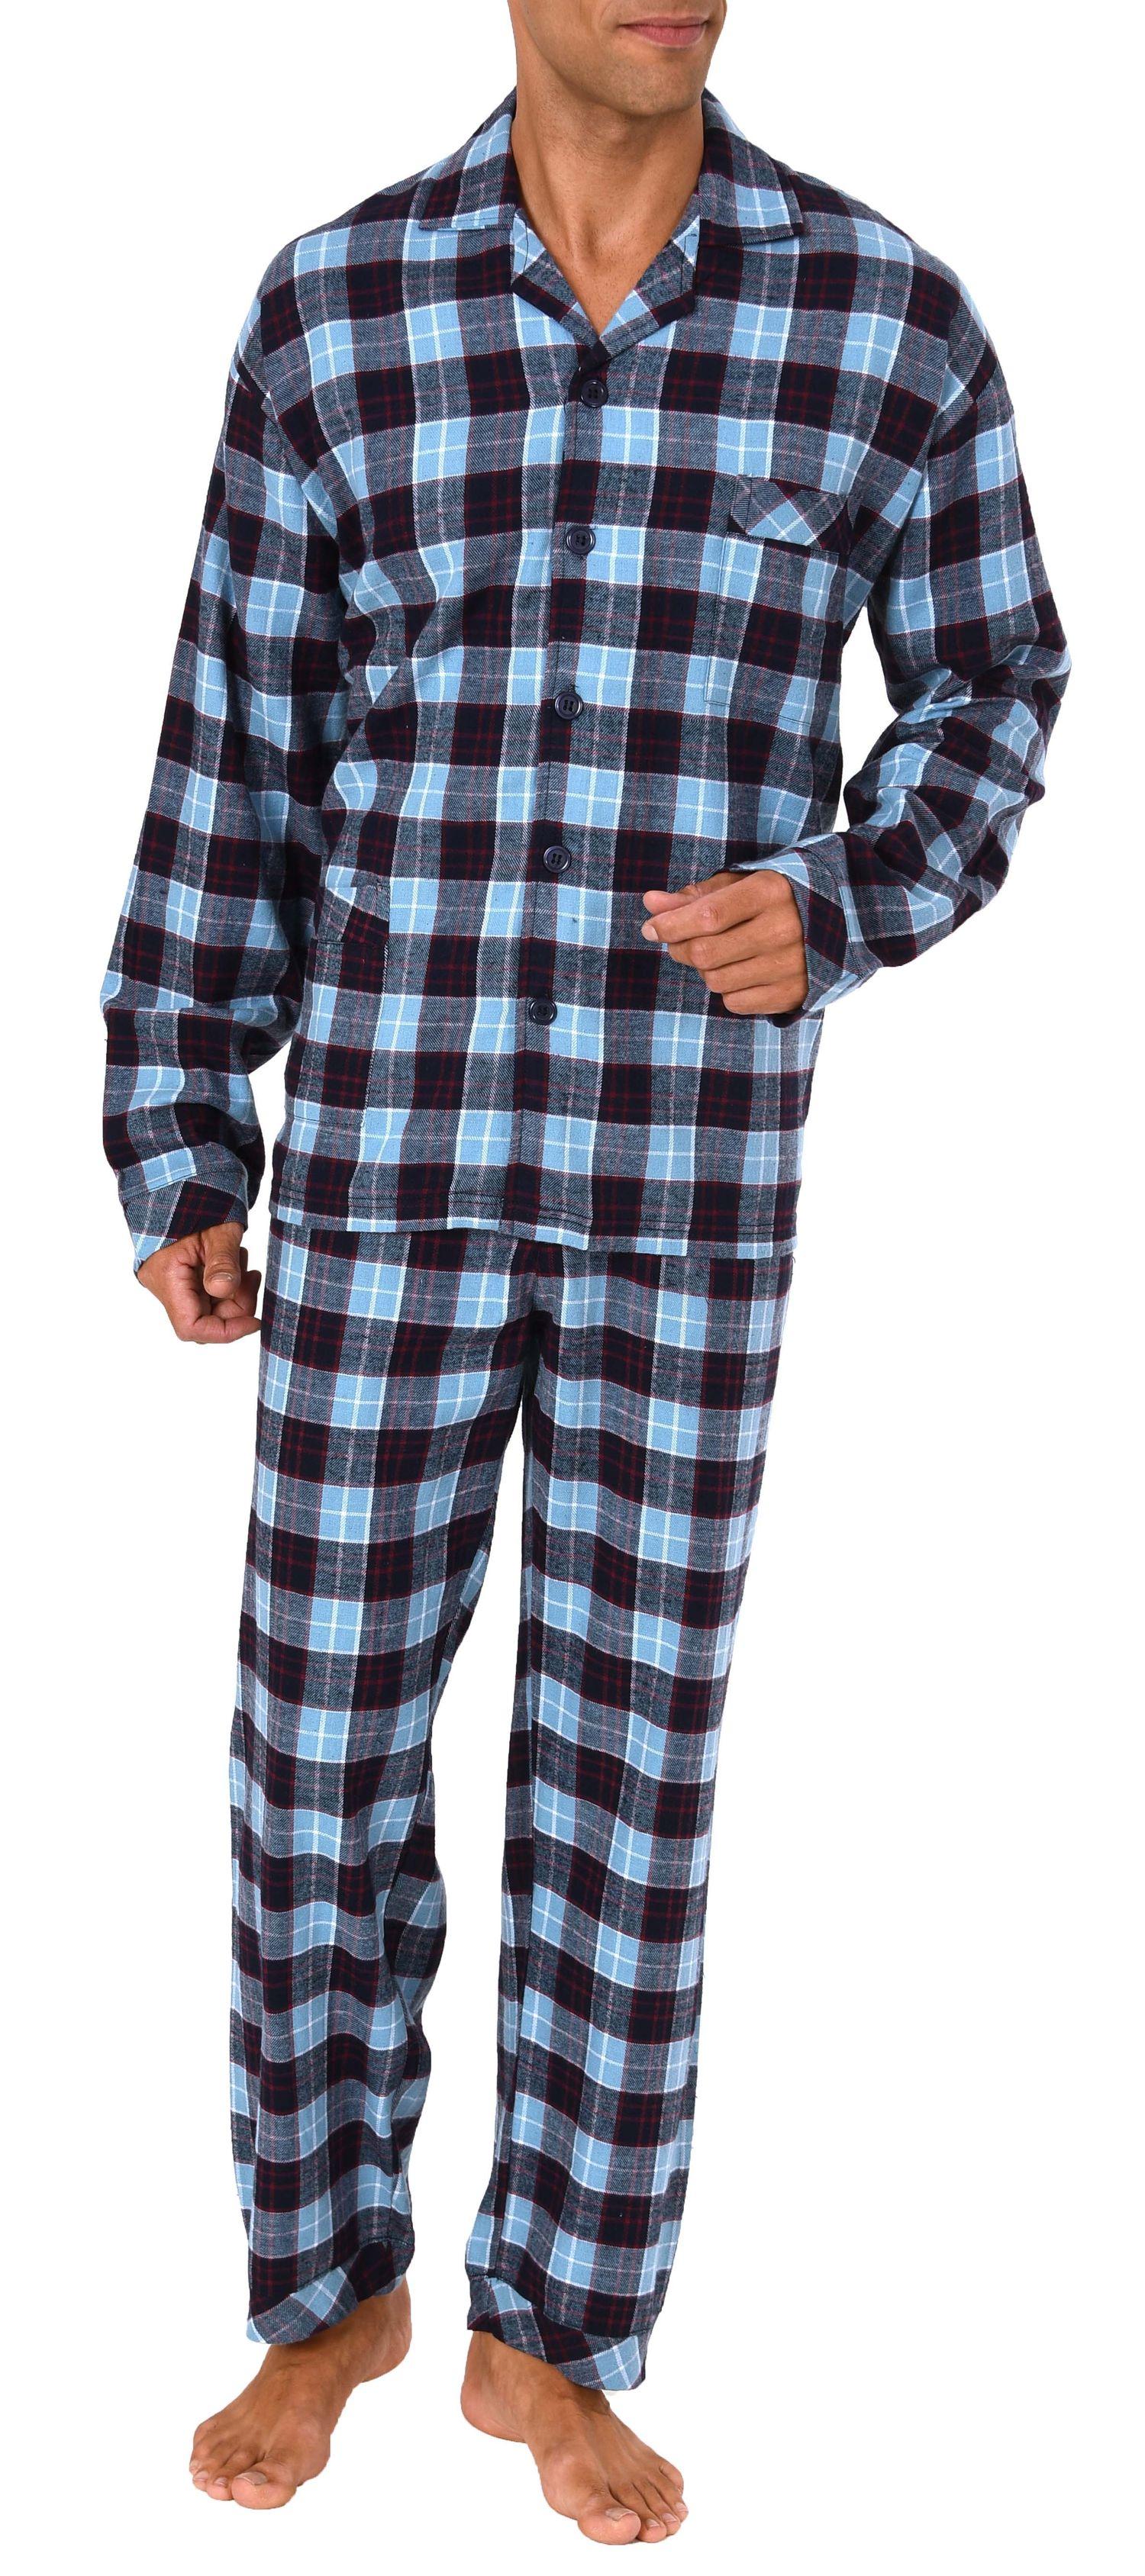 Herren Flanell Pyjama Schlafanzug zum durchknöpfen - auch in Übergrössen 281 101 95 651 – Bild 1